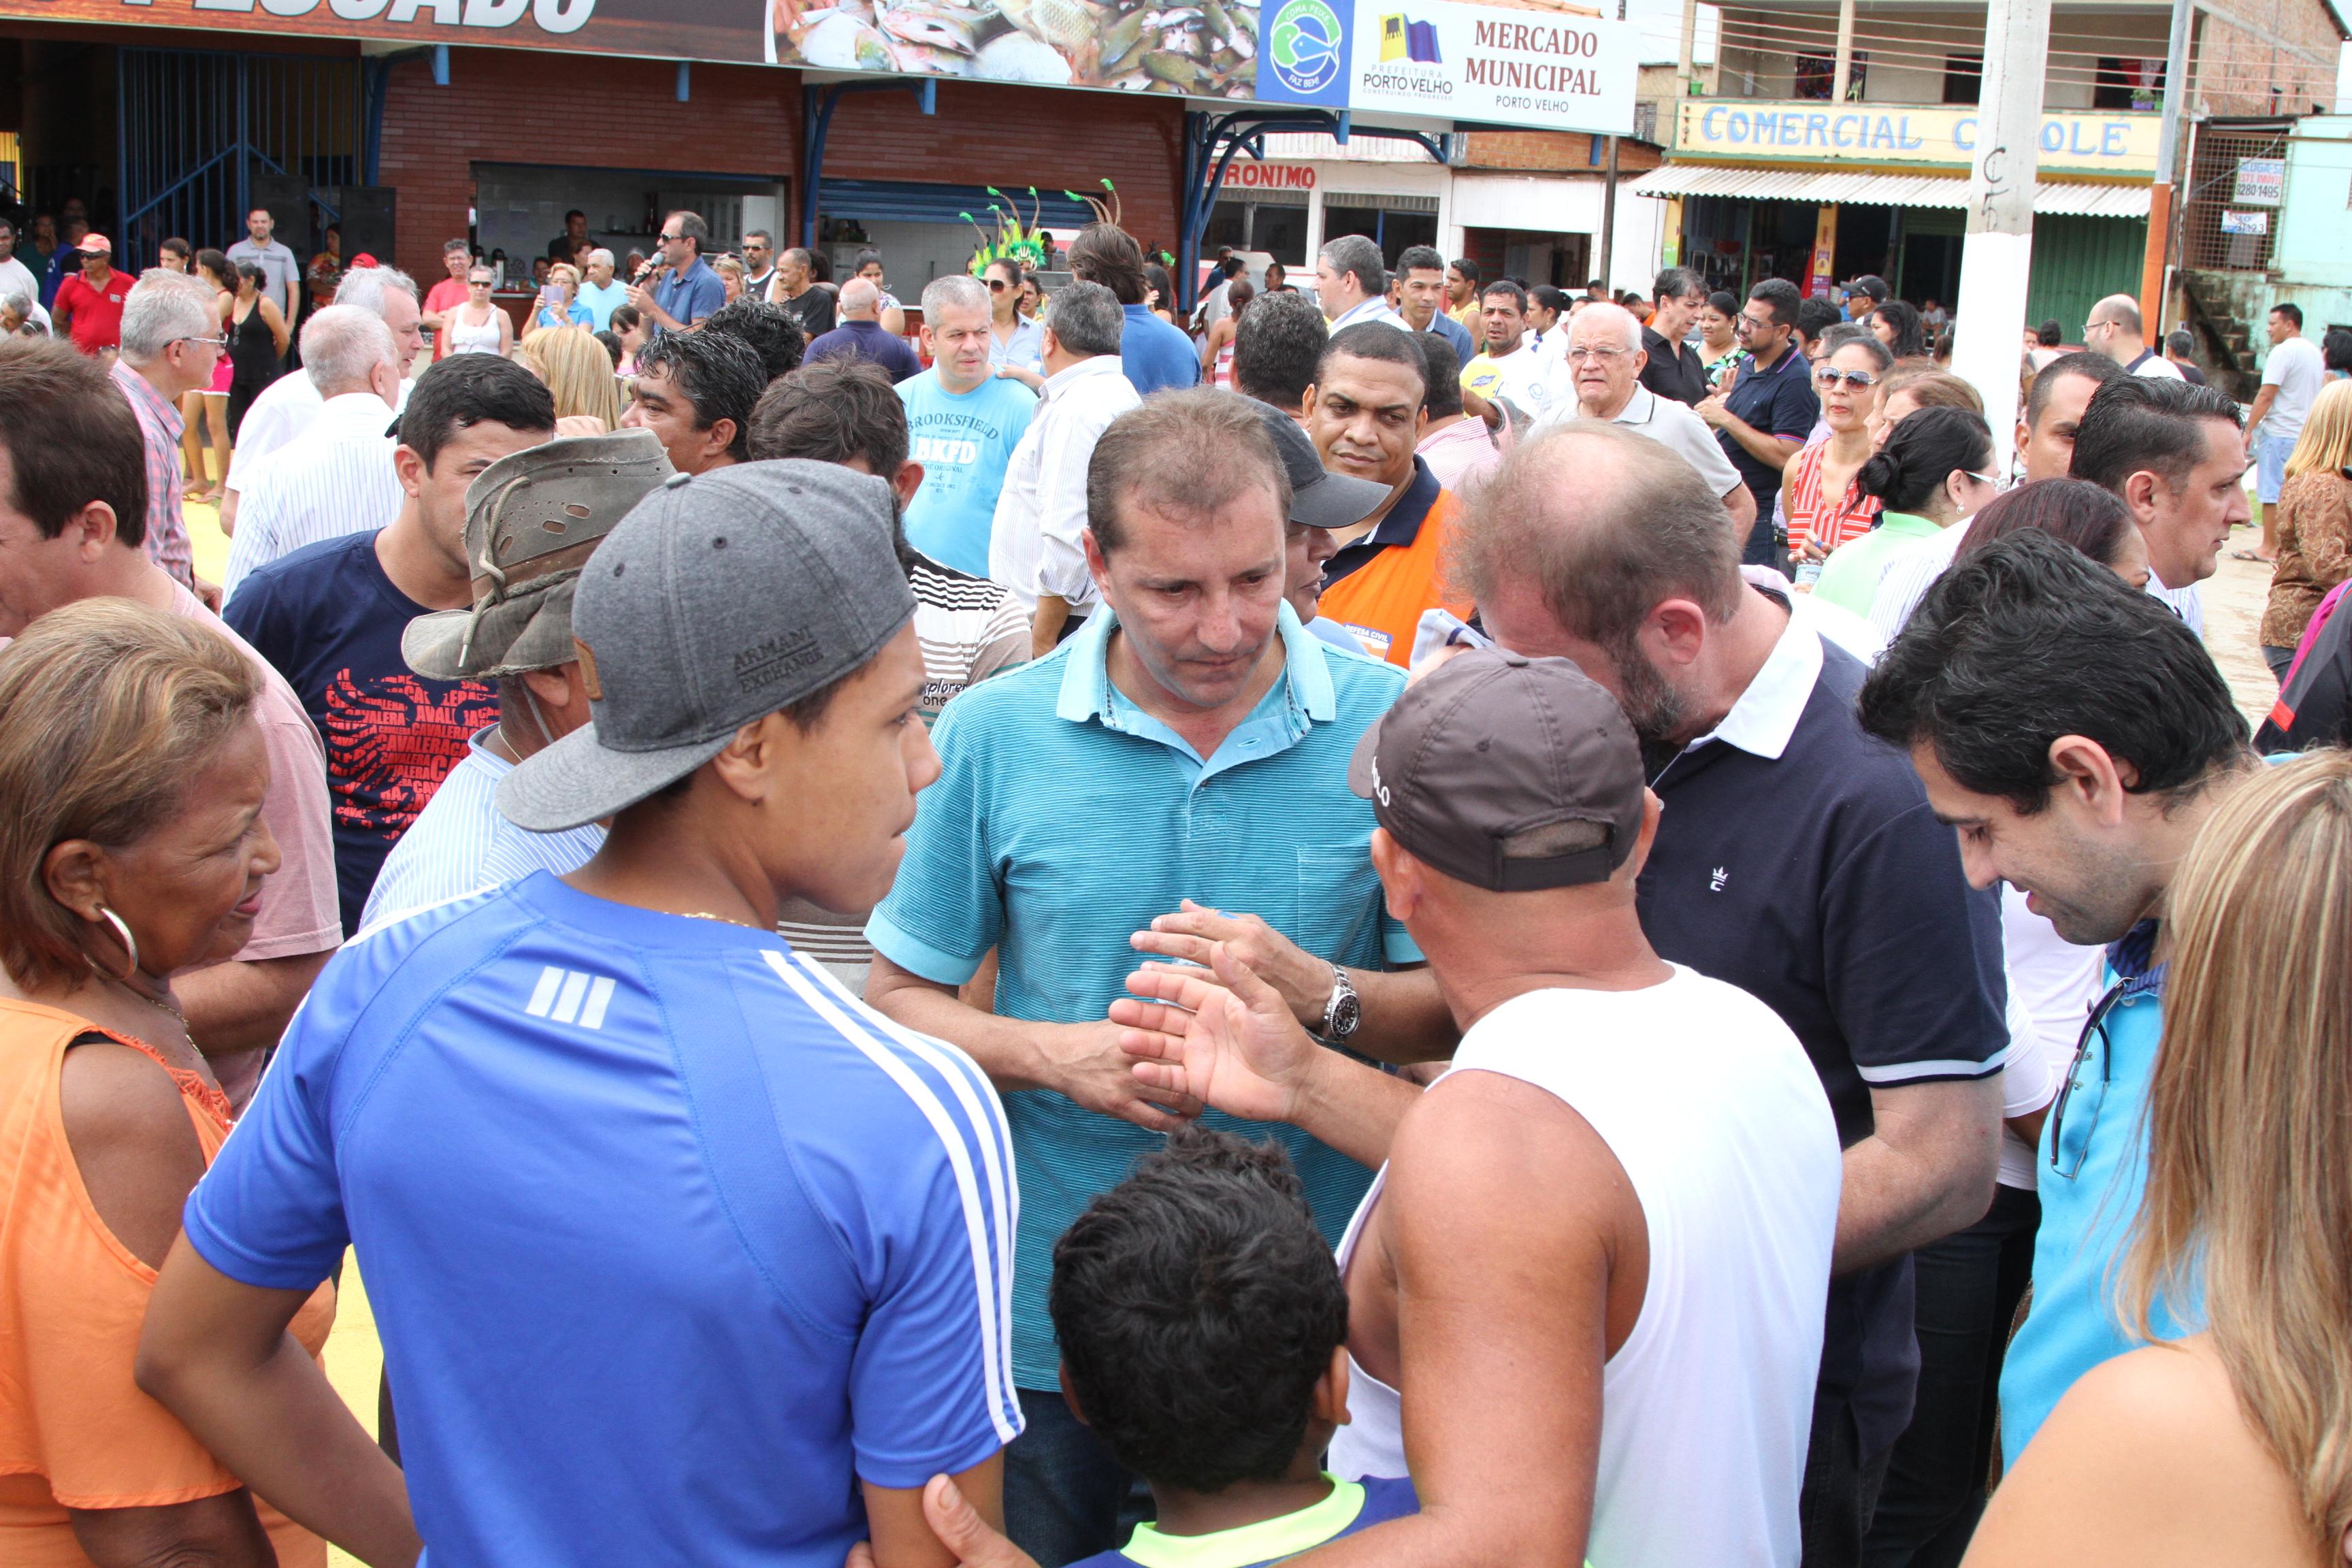 Estiveram presentes ao evento os deputados federais Lindomar Garçom e  #1A73B1 3456 2304